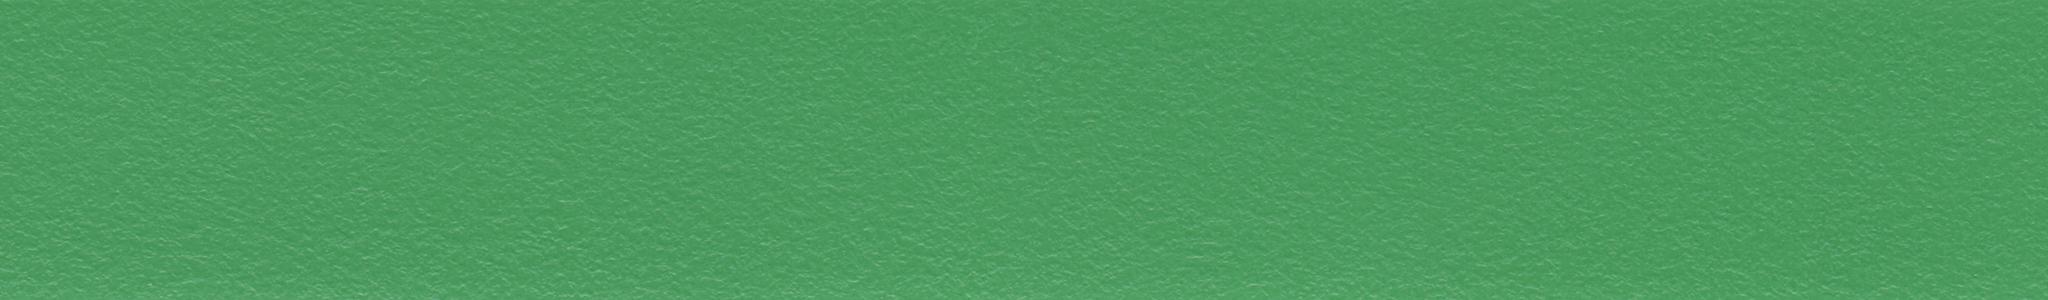 HU 169561 ABS hrana zelená perla jemná 107